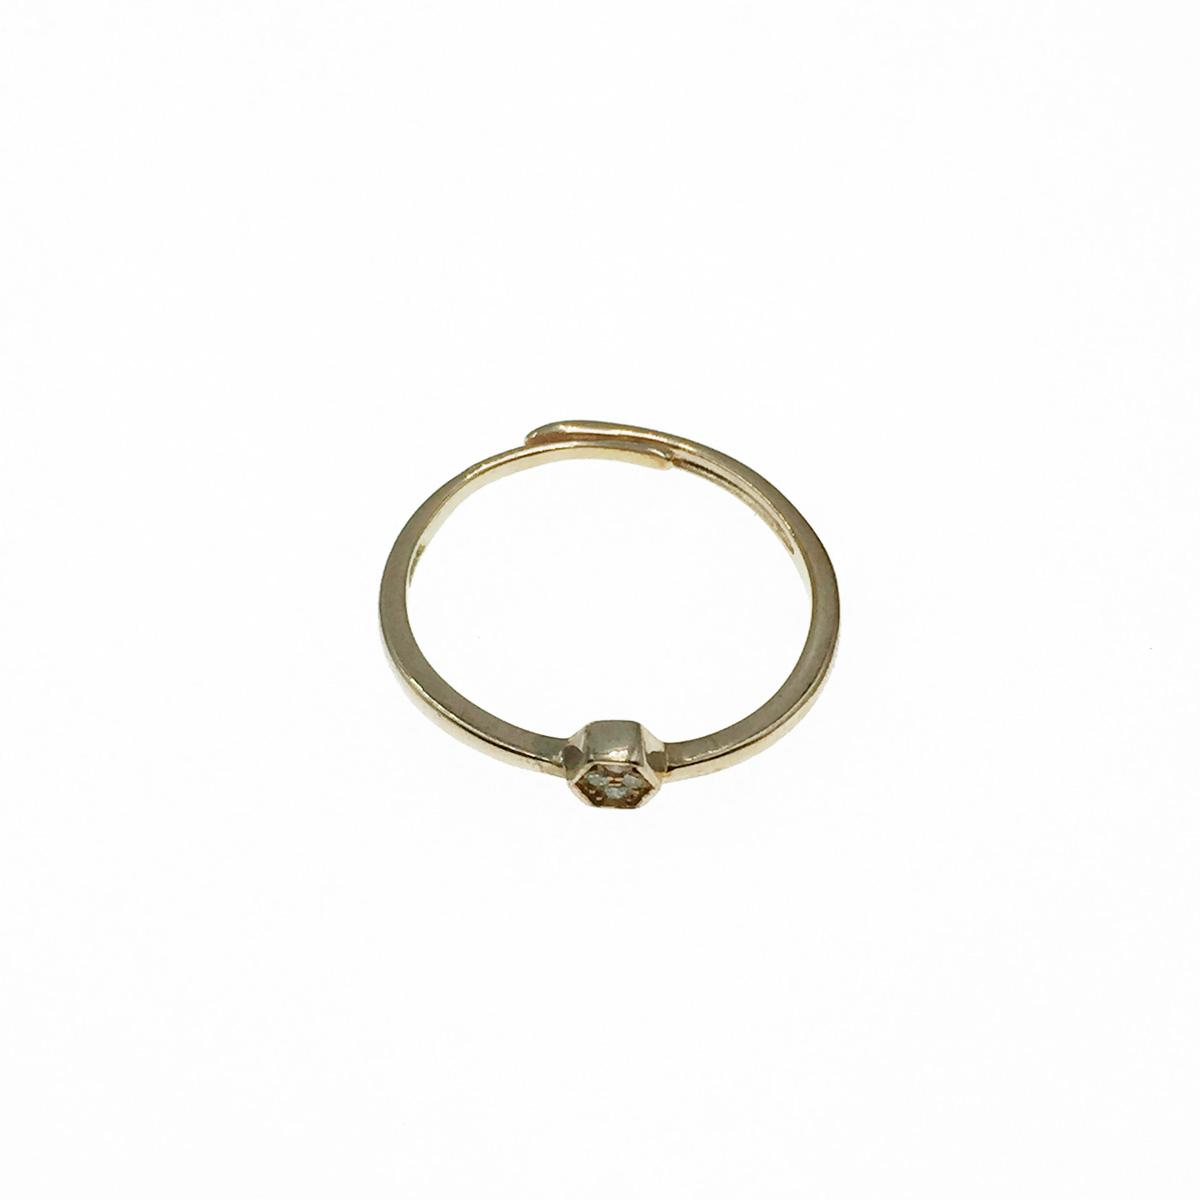 韓國 925純銀 六角形 水鑽 玫瑰金 可調式 戒指